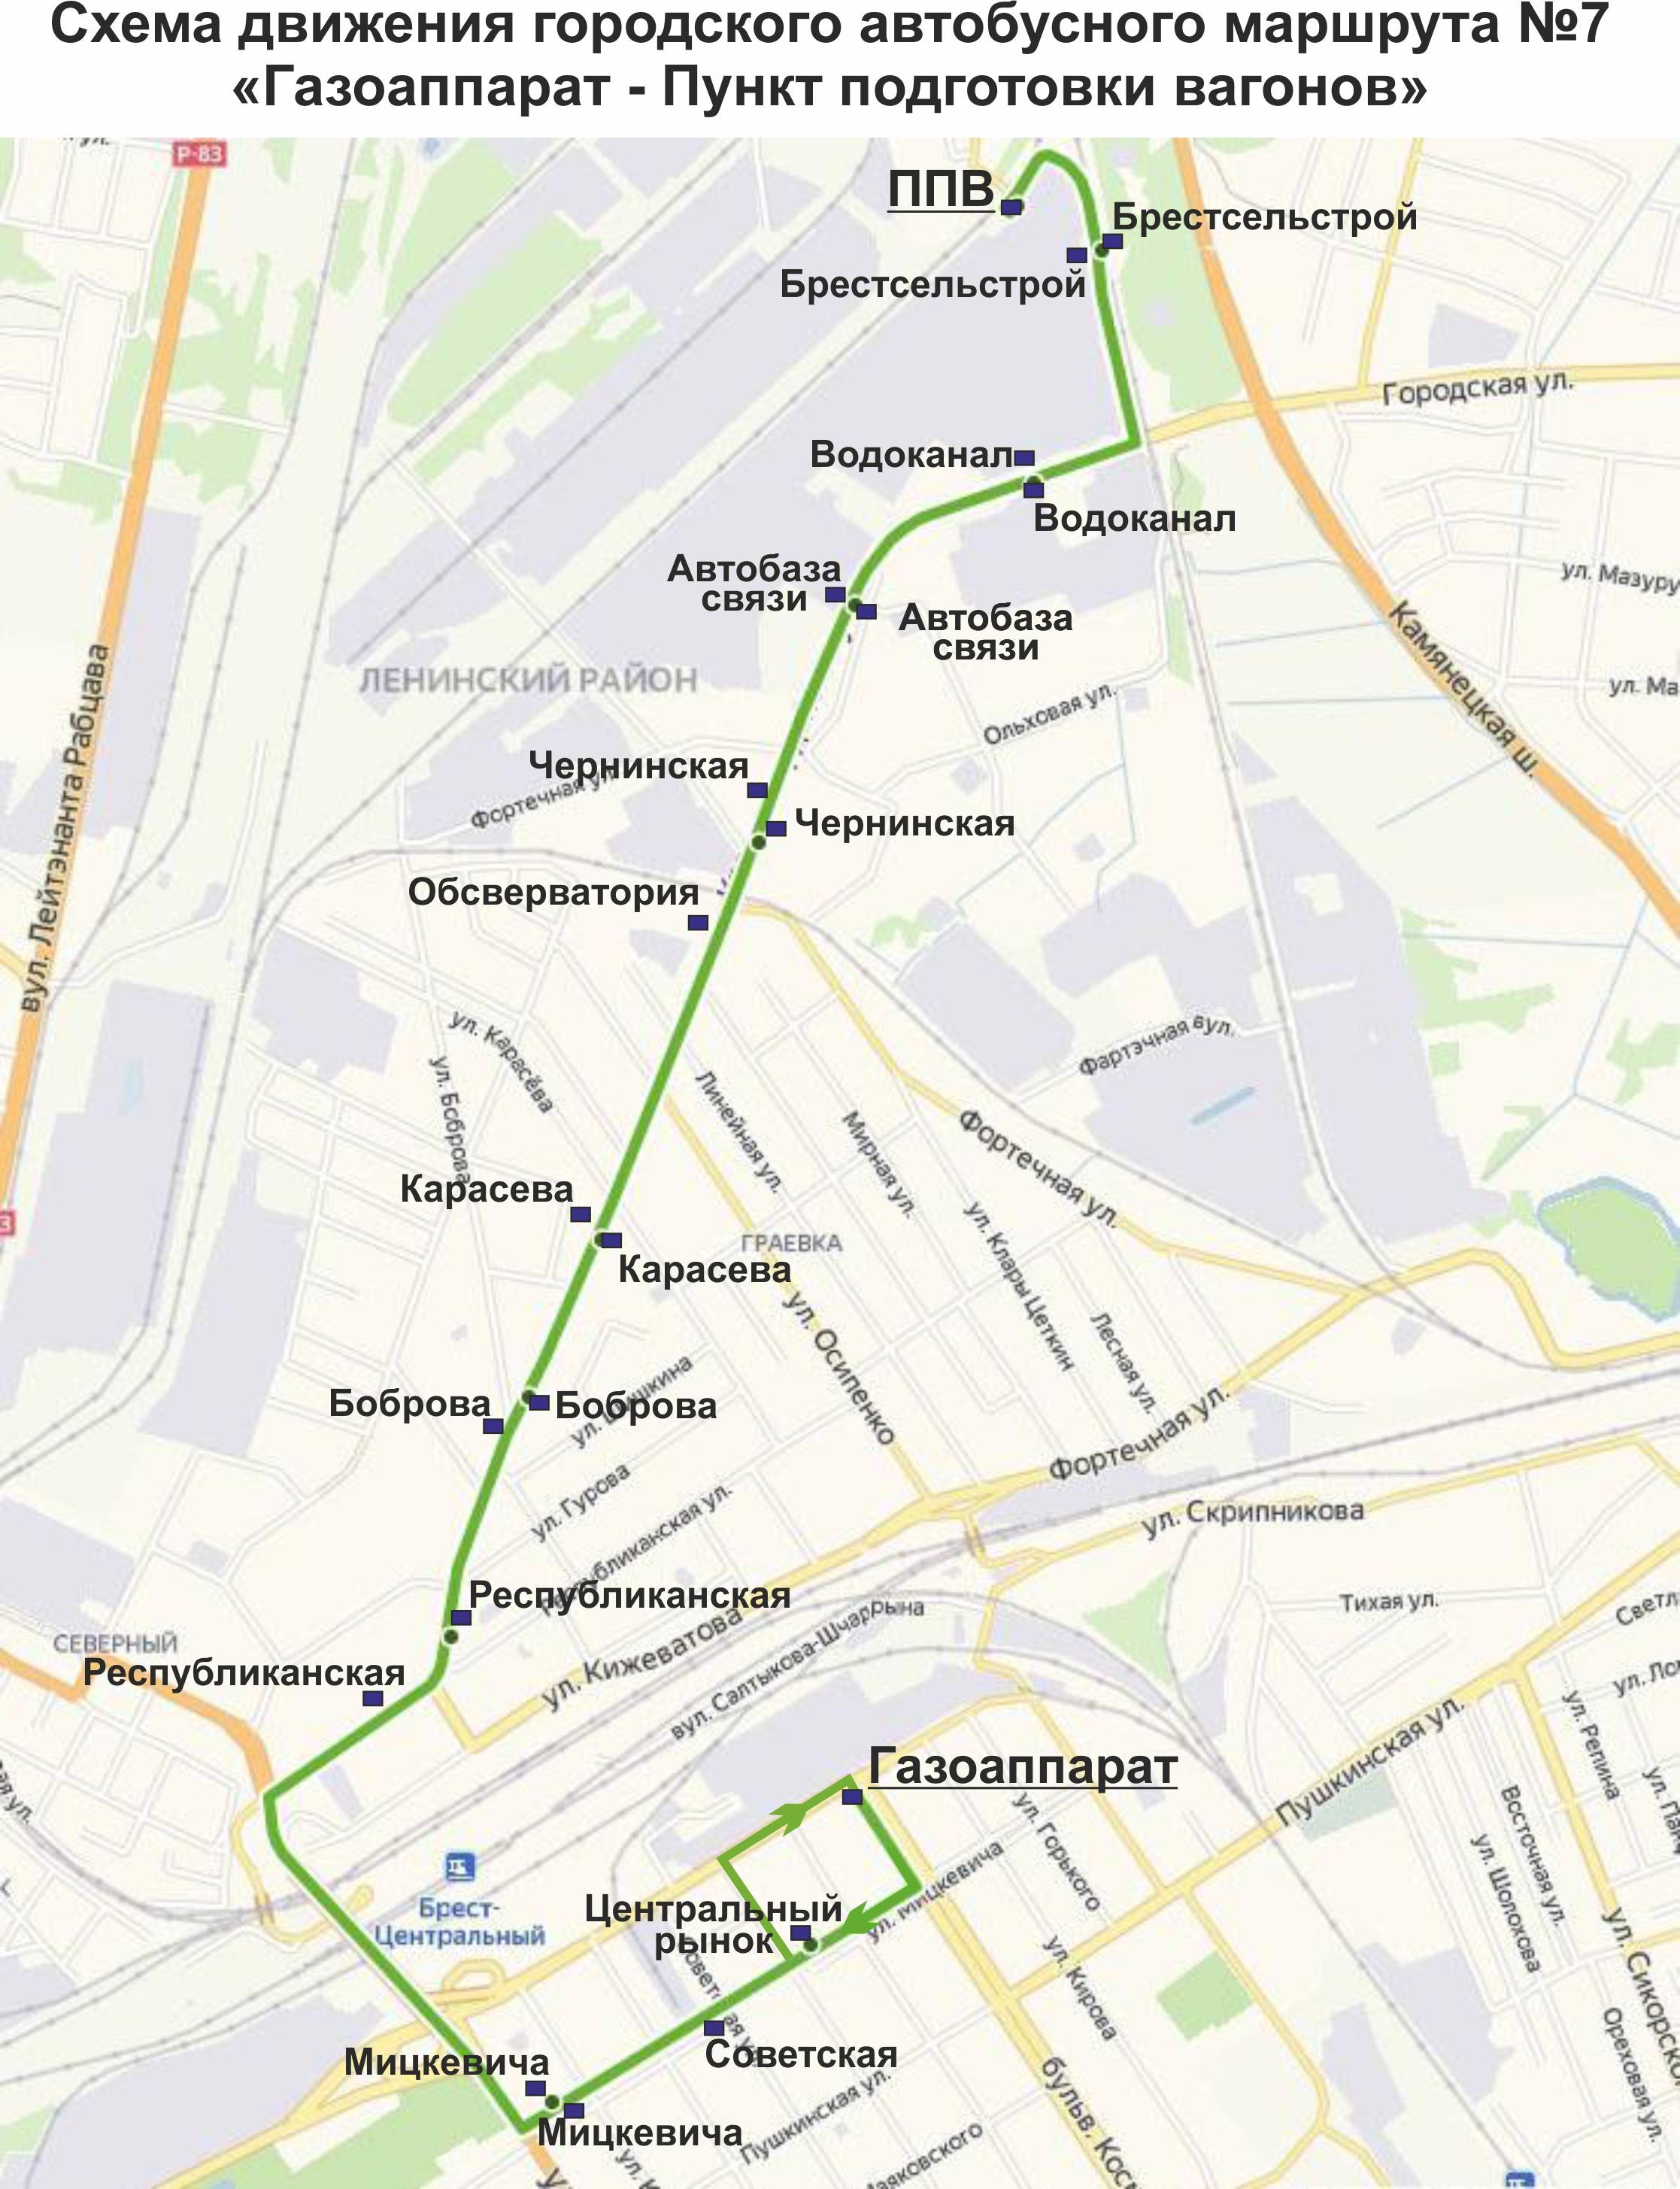 Схемам движения автобусов брест